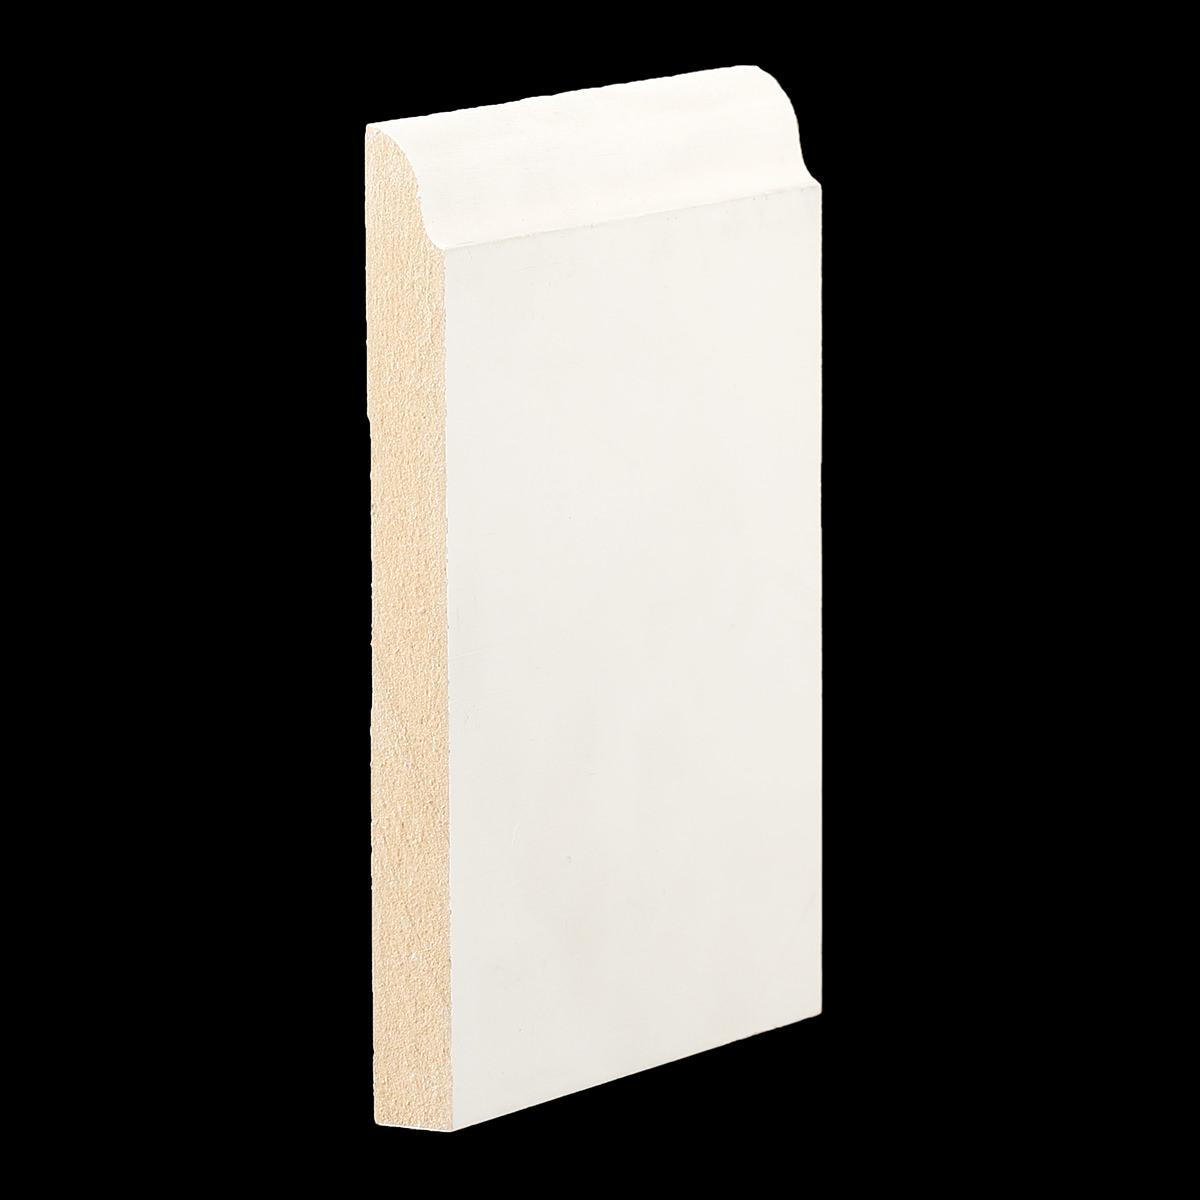 1 2 x 5 1 4 mdf primed o g baseboard mdf658. Black Bedroom Furniture Sets. Home Design Ideas